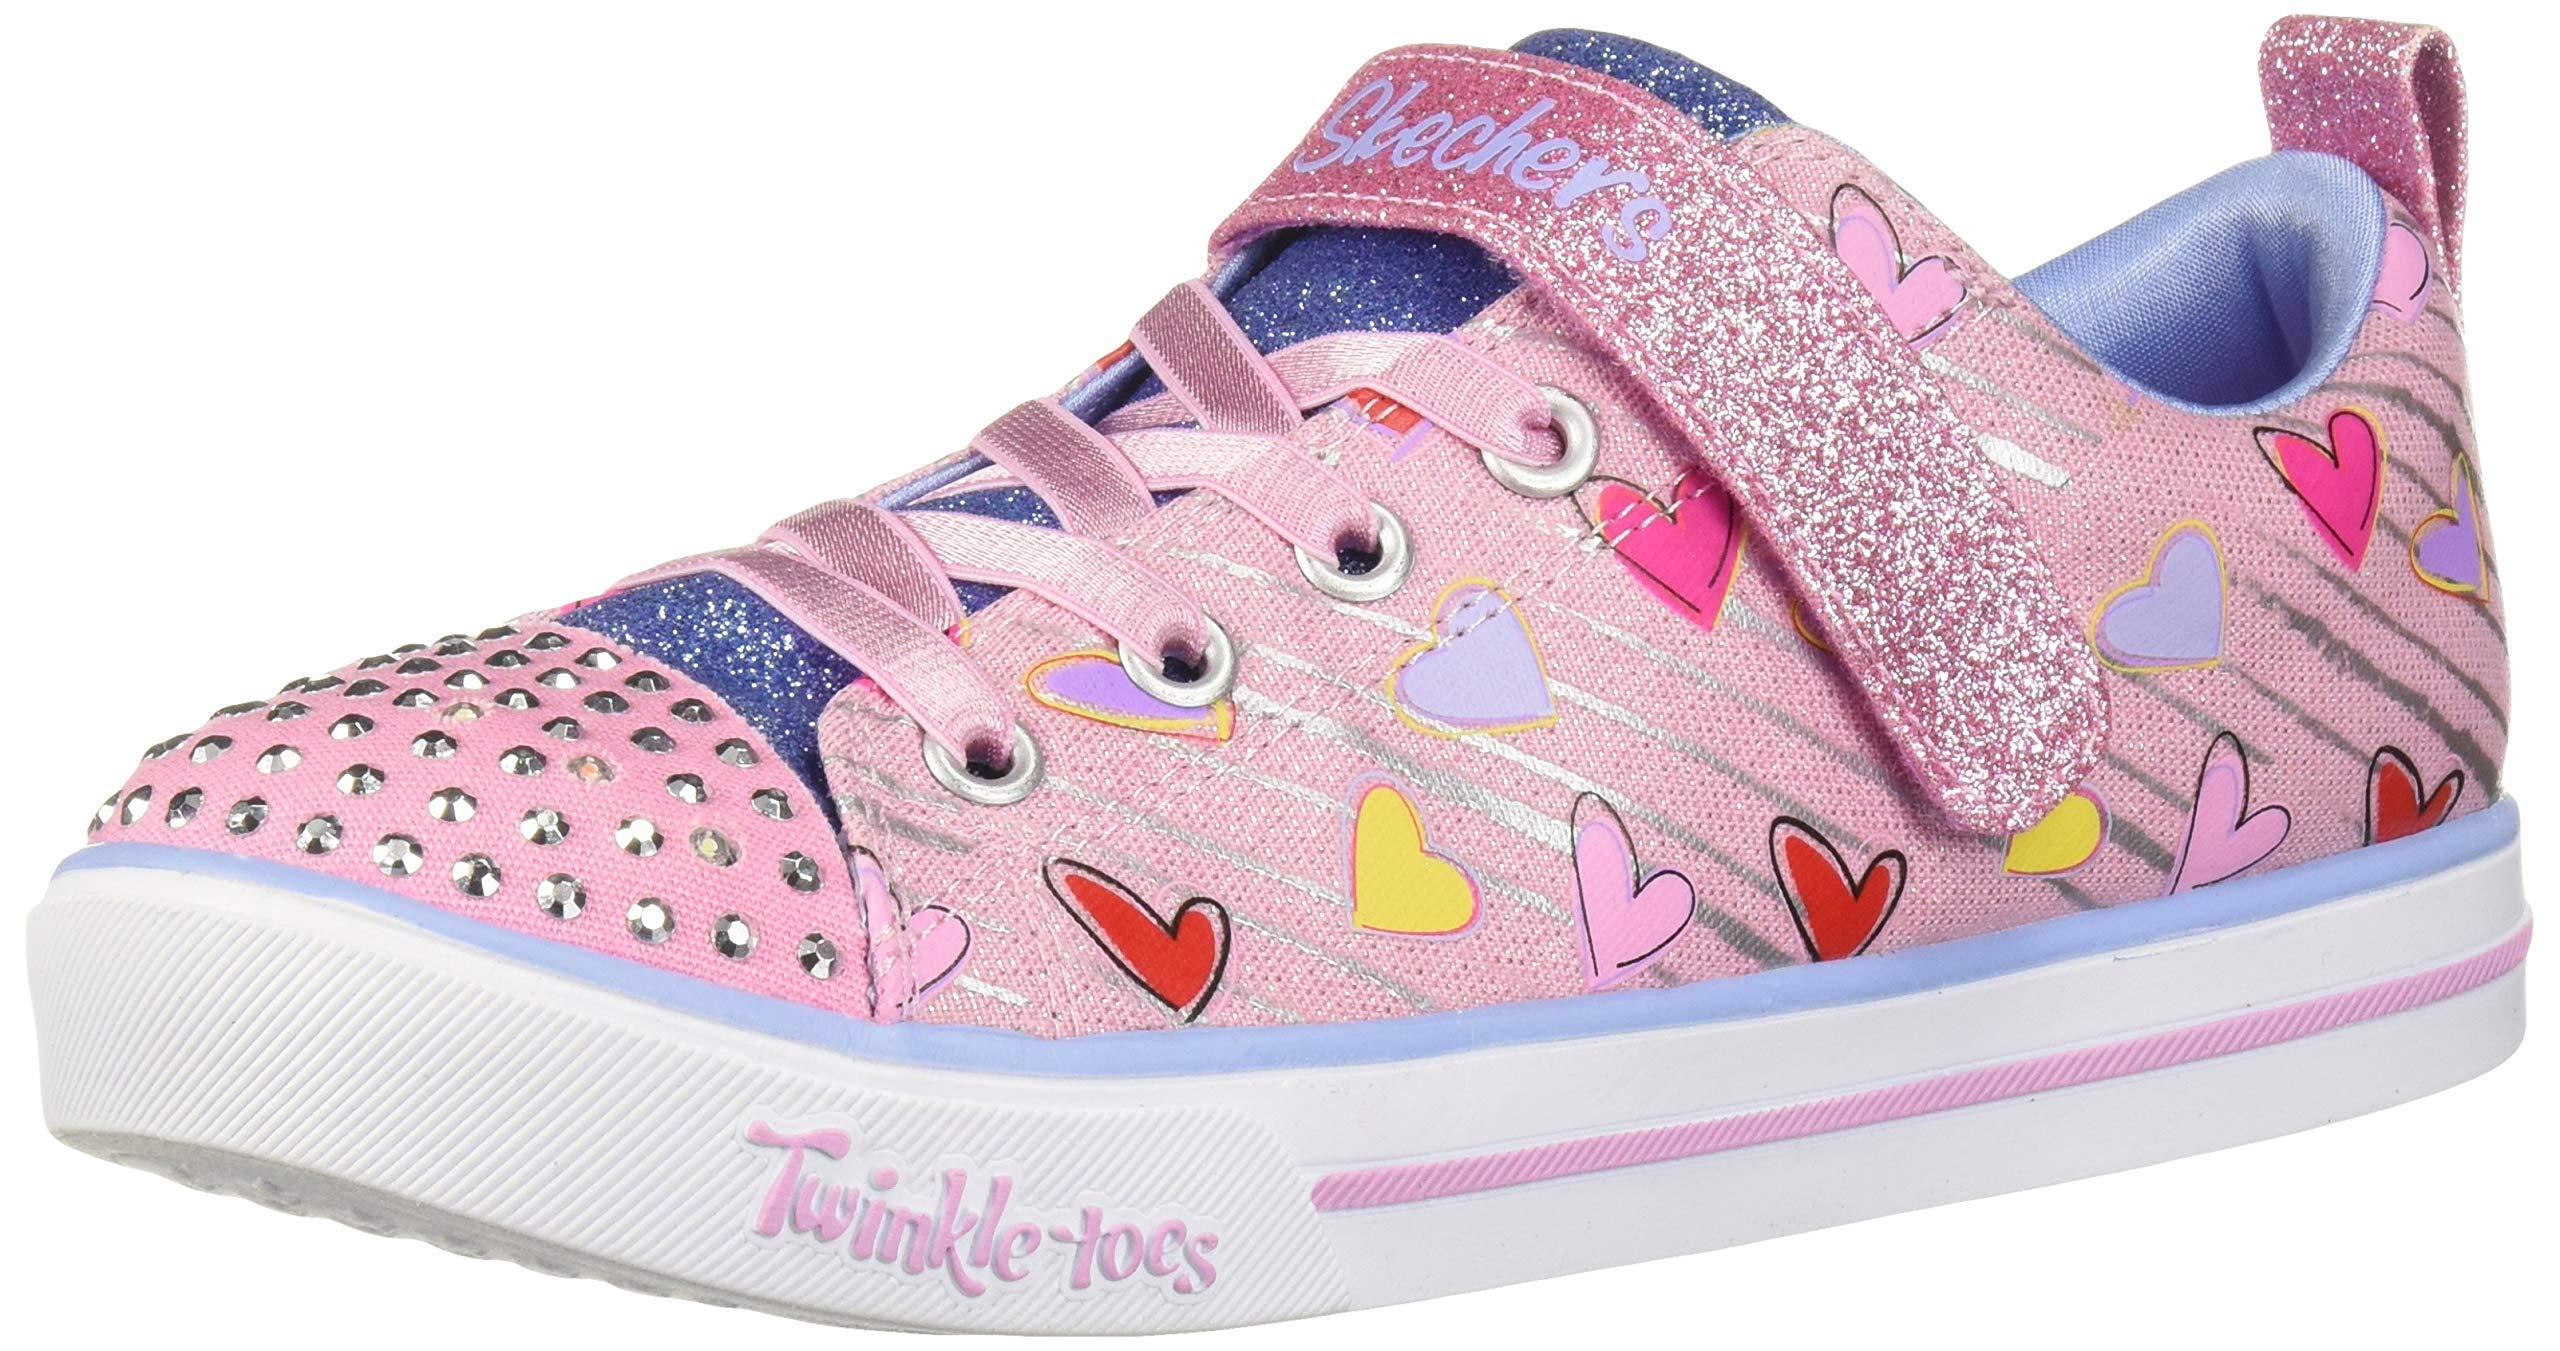 Skechers Kids Girls' Sparkle LITE Sneaker, Light Pink/Multi, 8 Medium US Toddler